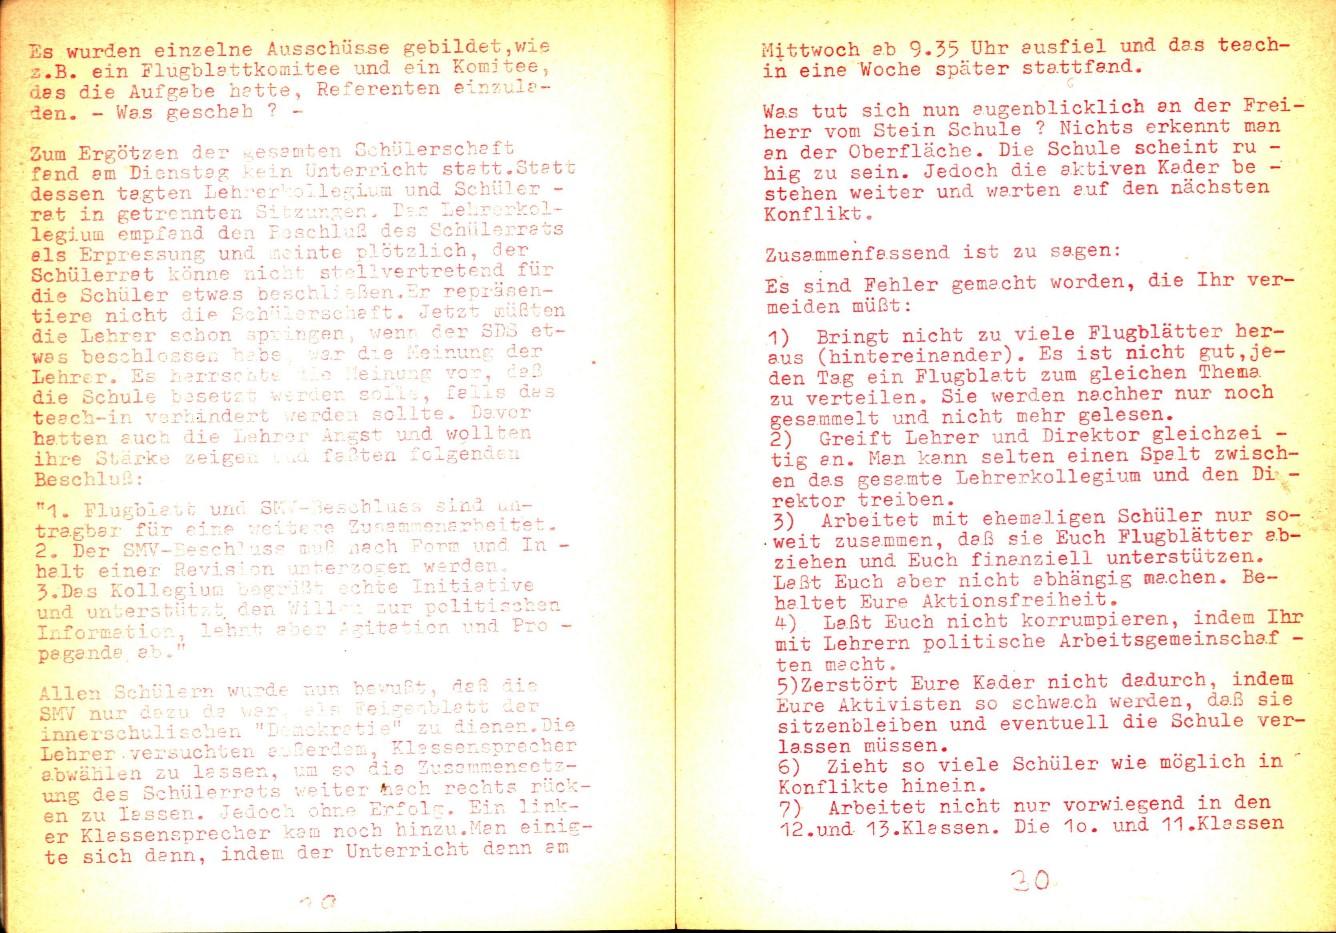 Berlin_SMV_Broschuere_Schulkampf_1969_17